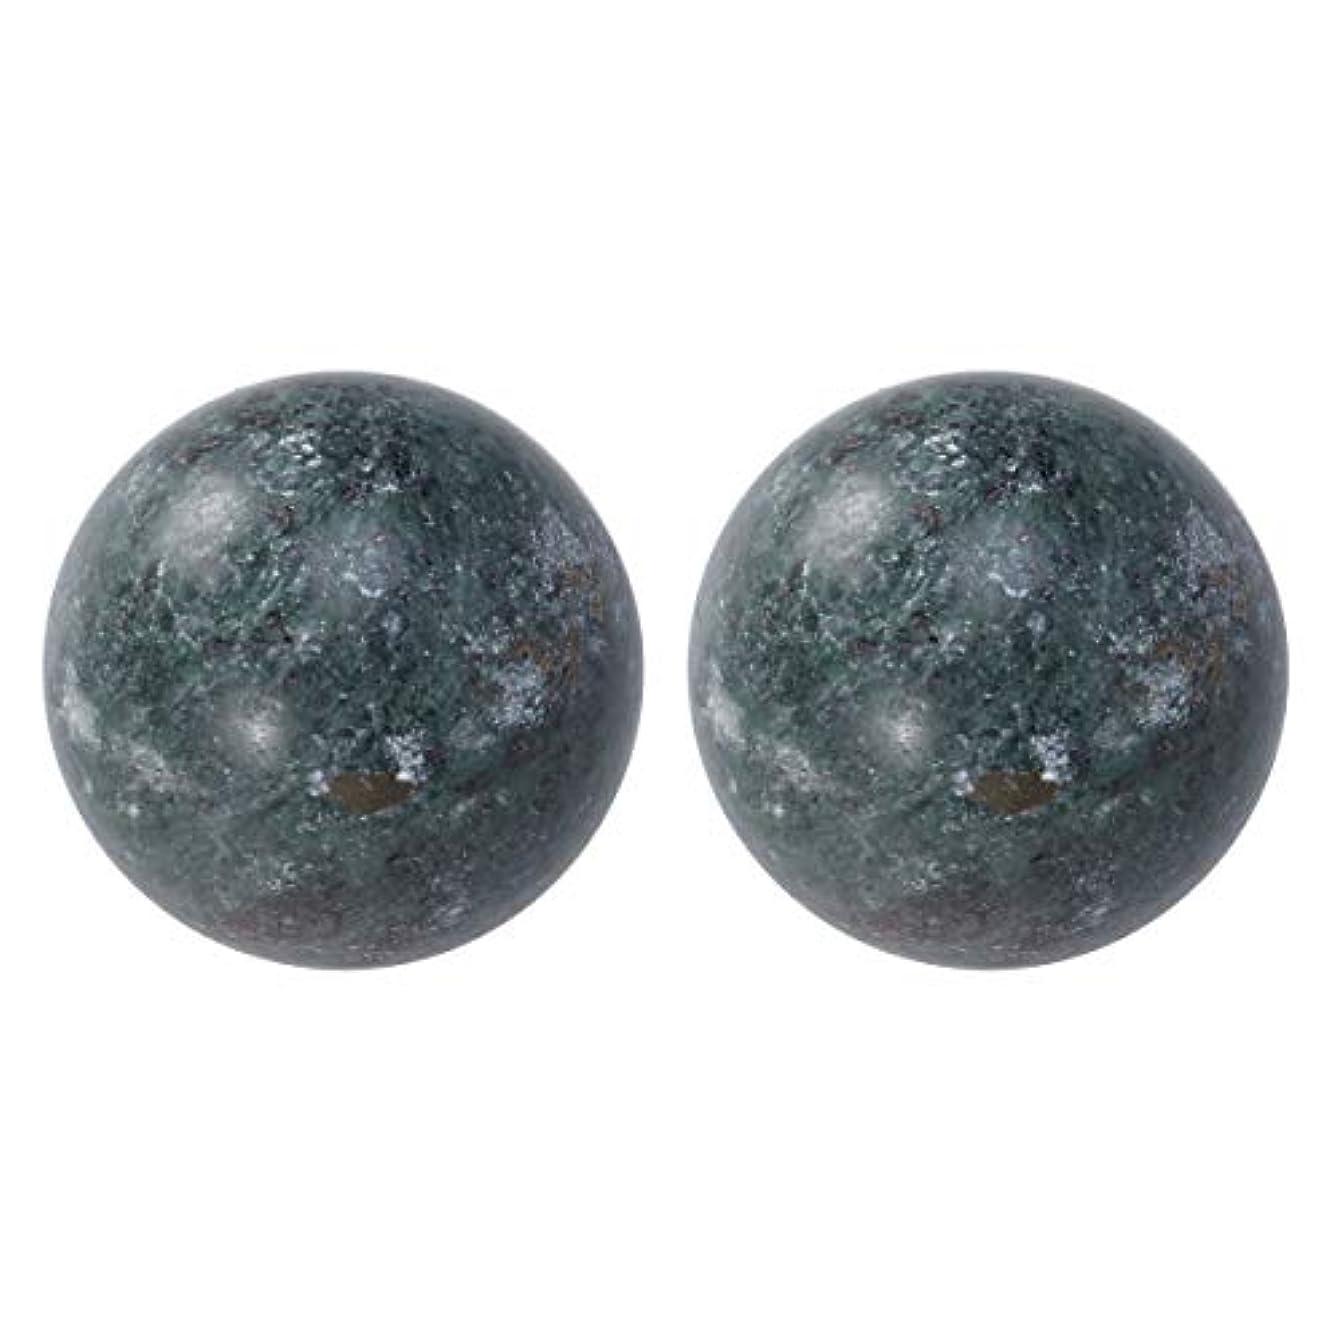 いくつかの賞賛雑種HEALIFTY 2個の自然の翡翠手球ダークグレー中国の健康運動ボーイングボール老人のためのストレスリリーフ(黒)